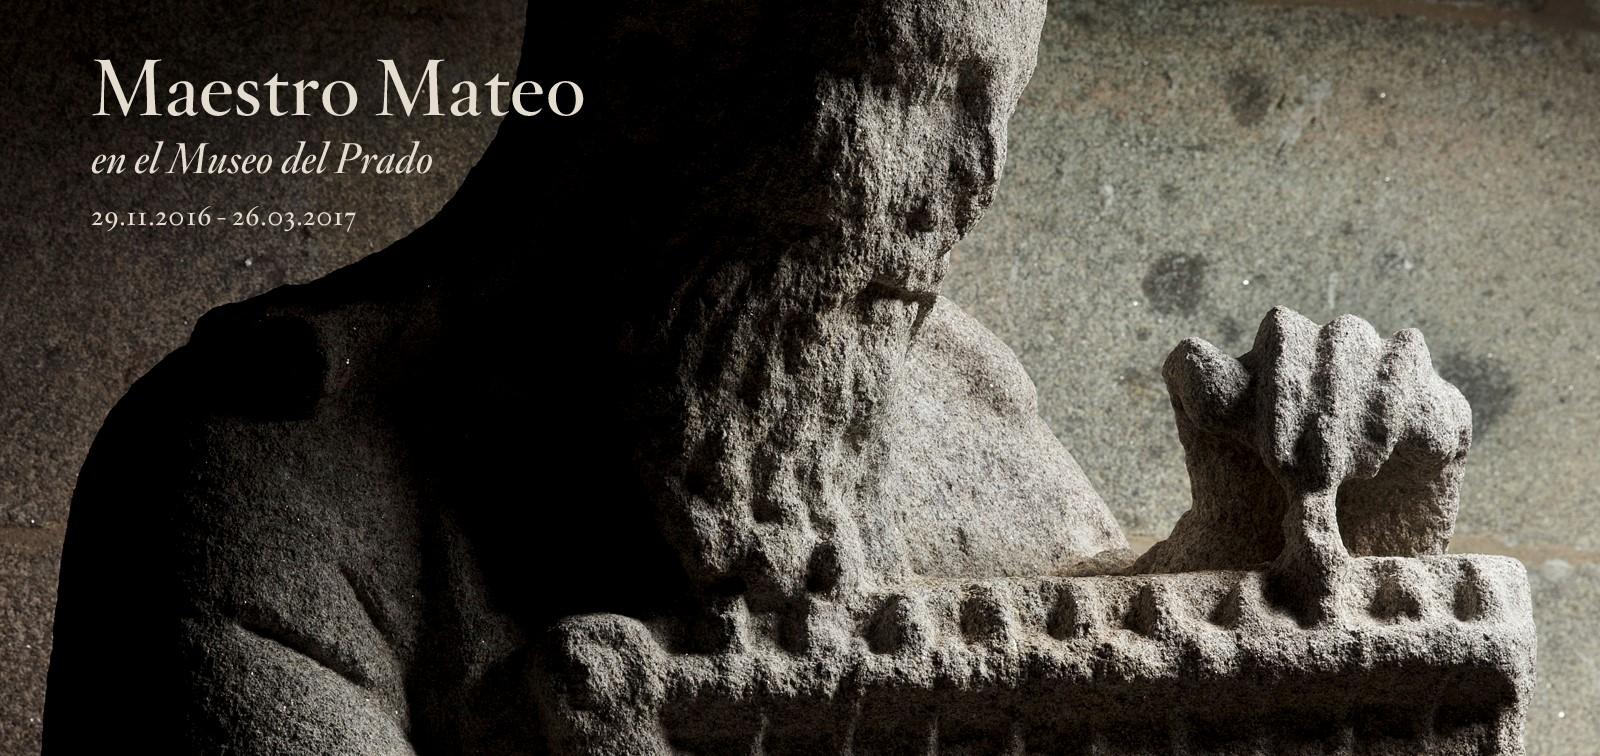 Maestro Mateo